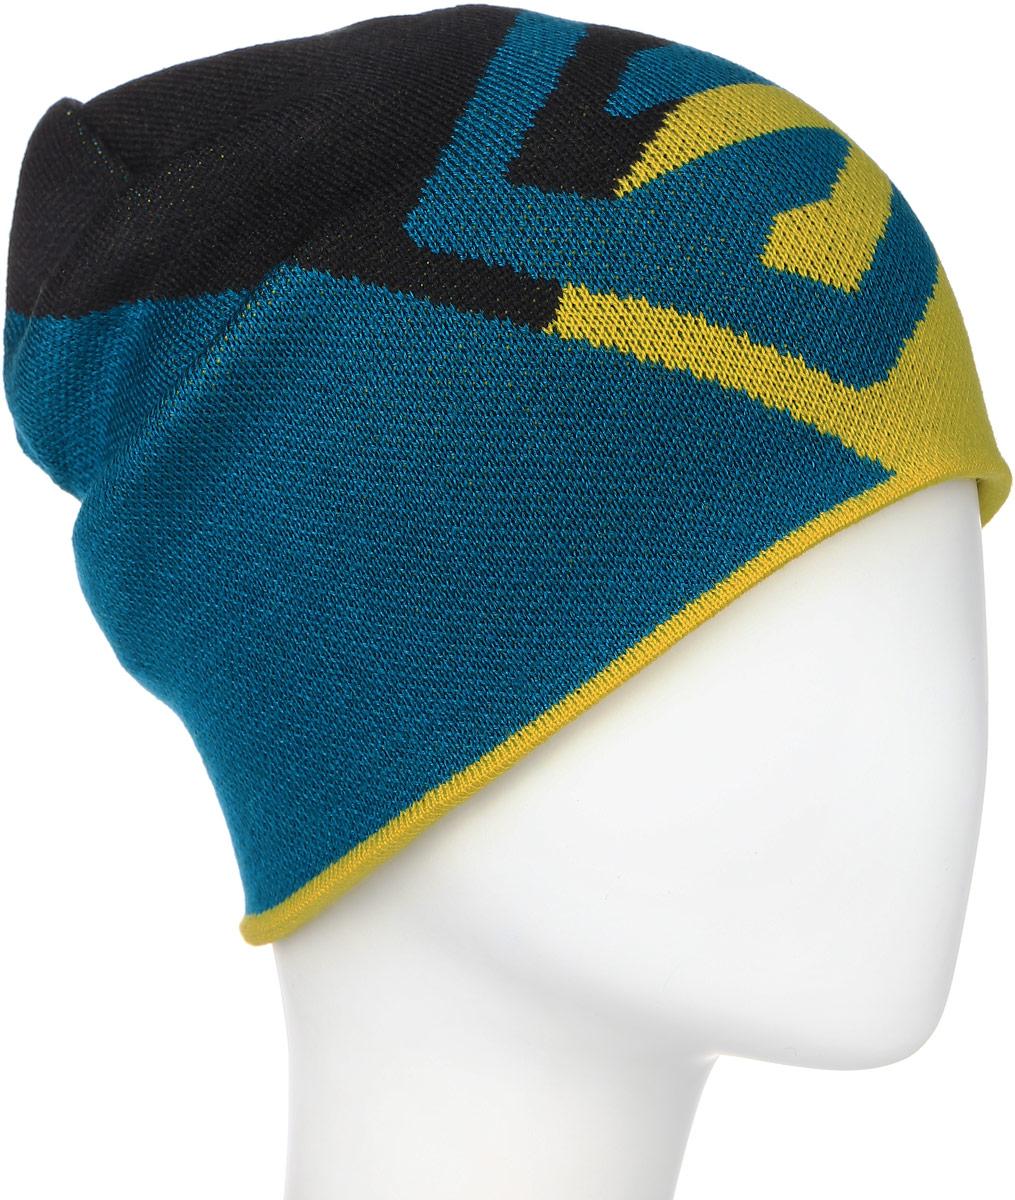 Шапка Salomon Flat Spin Reversible, цвет: черный, желтый, синий. L39046700. Размер универсальныйL39046700Спортивная двухсторонняя шапка Salomon Flat Spin Reversible выполнена из 100% акрила. Шапка оформлена вышивкой в виде логотипа Salomon. Внутренняя сторона шапки оформлена контрастным логотипом бренда в виде буквы S.Стильный дизайн и увеличенная длина этой двусторонней шапки делают ее идеальным выбором любителей фрирайда.